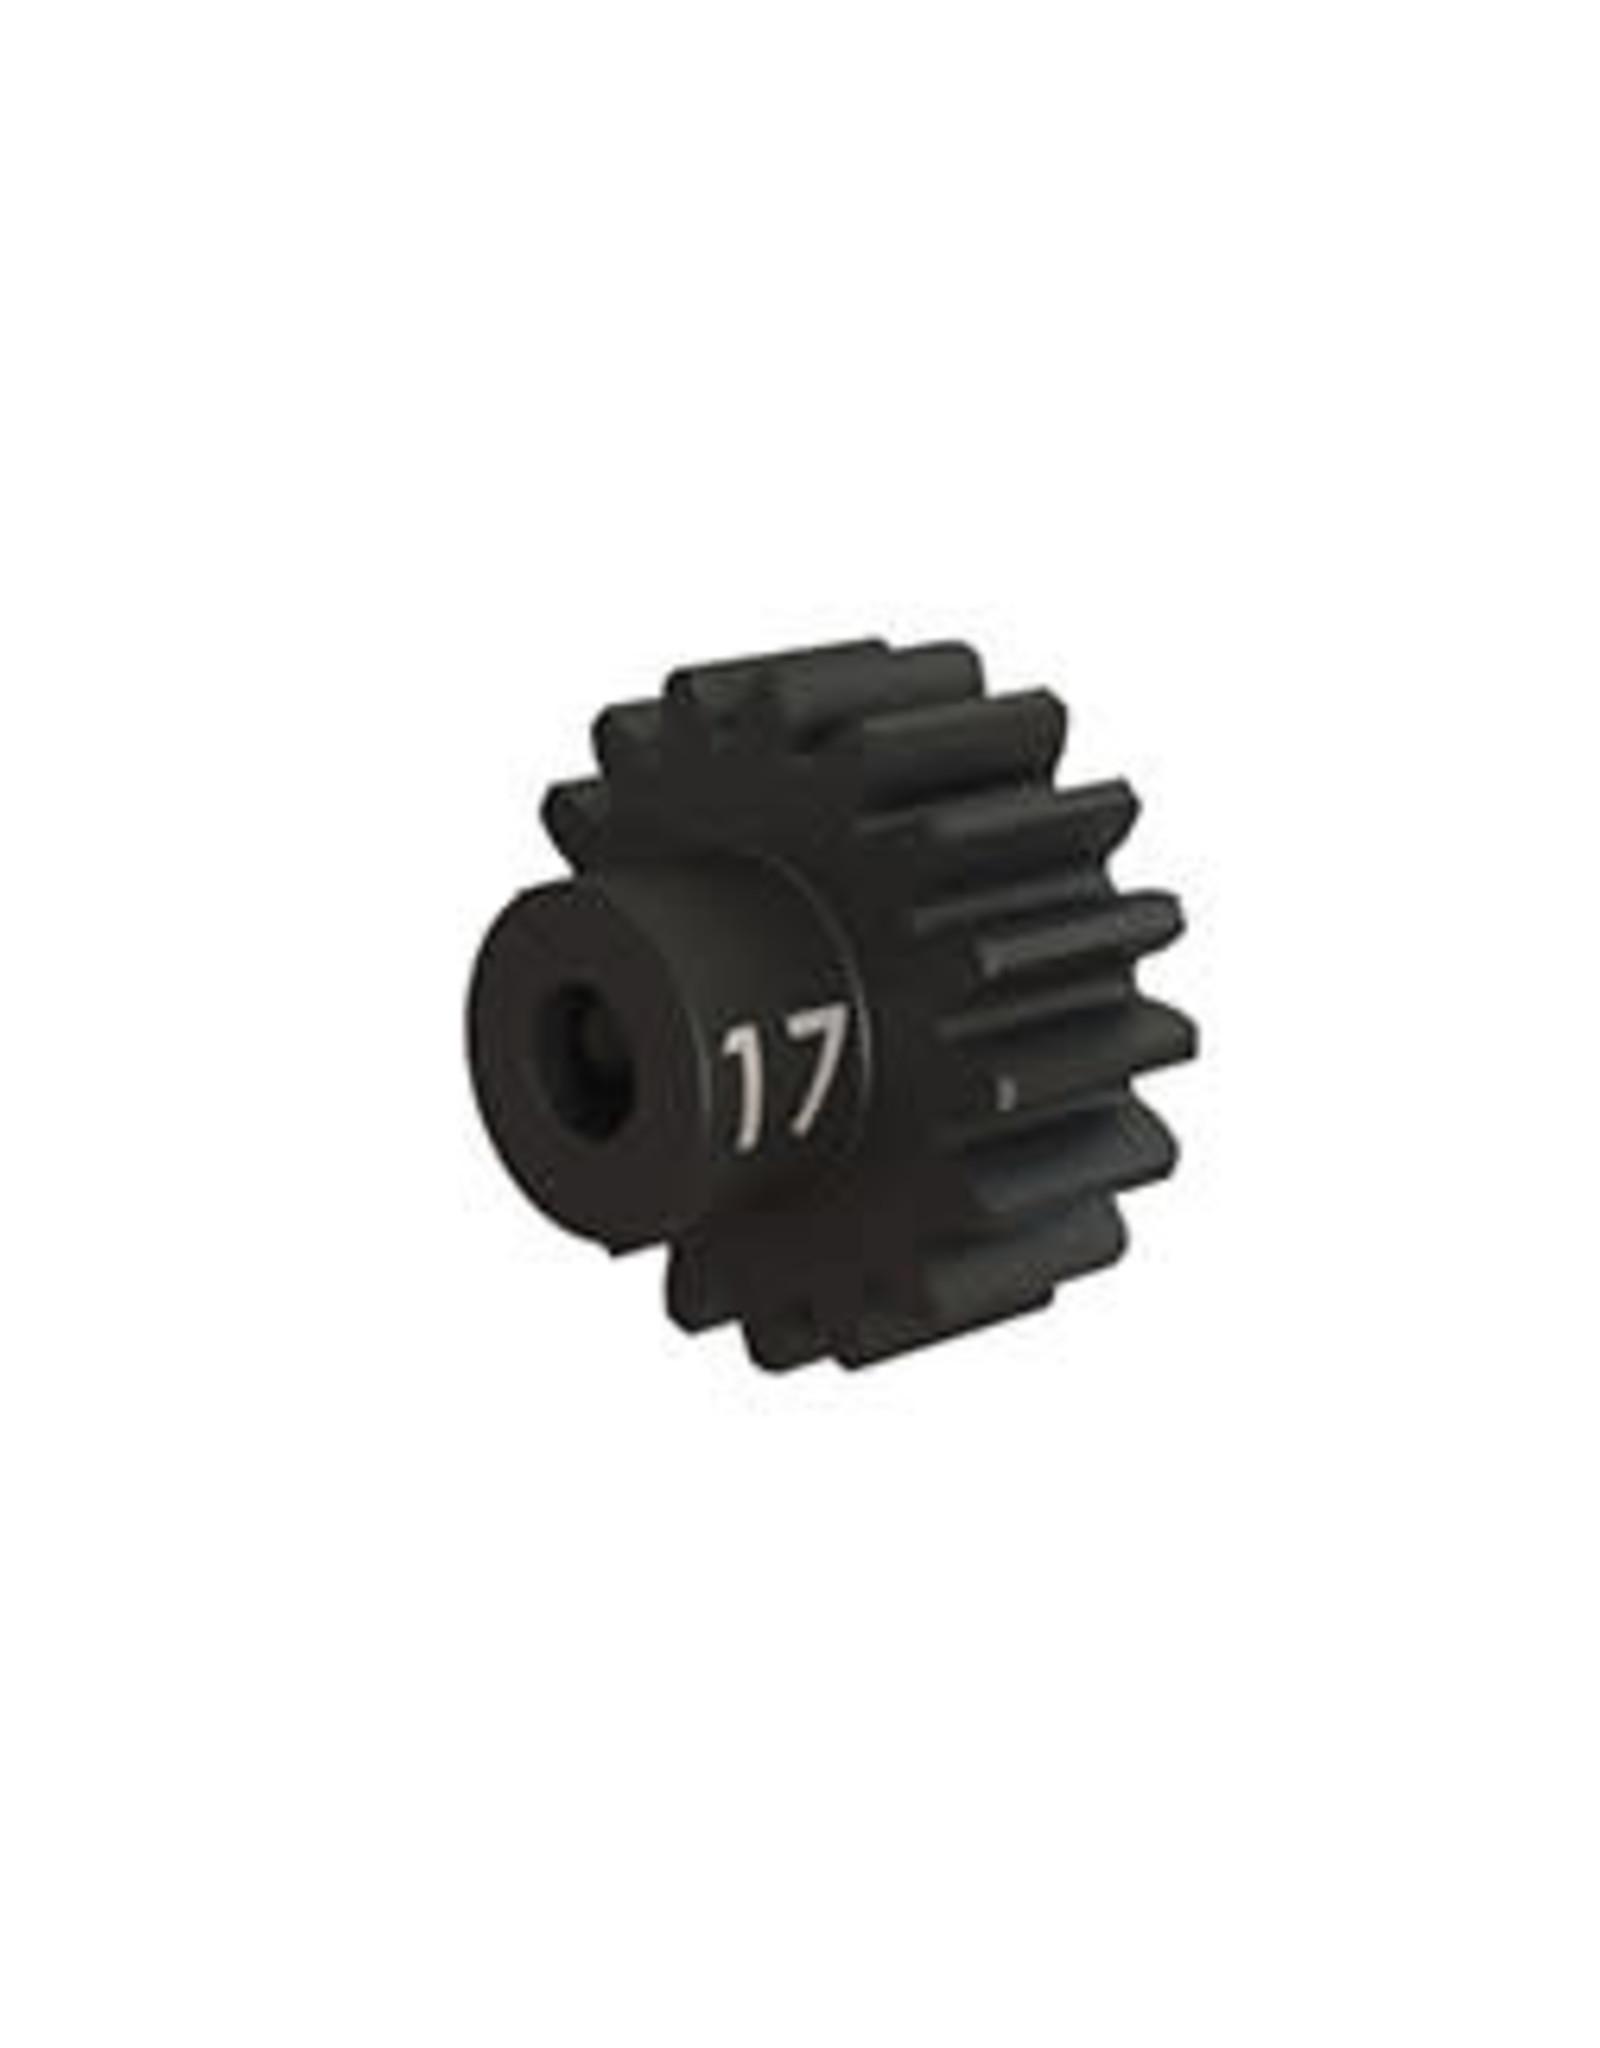 Traxxas Gear, 17-T pinion (32-p), heavy duty (machined, hardened steel)/ set screw